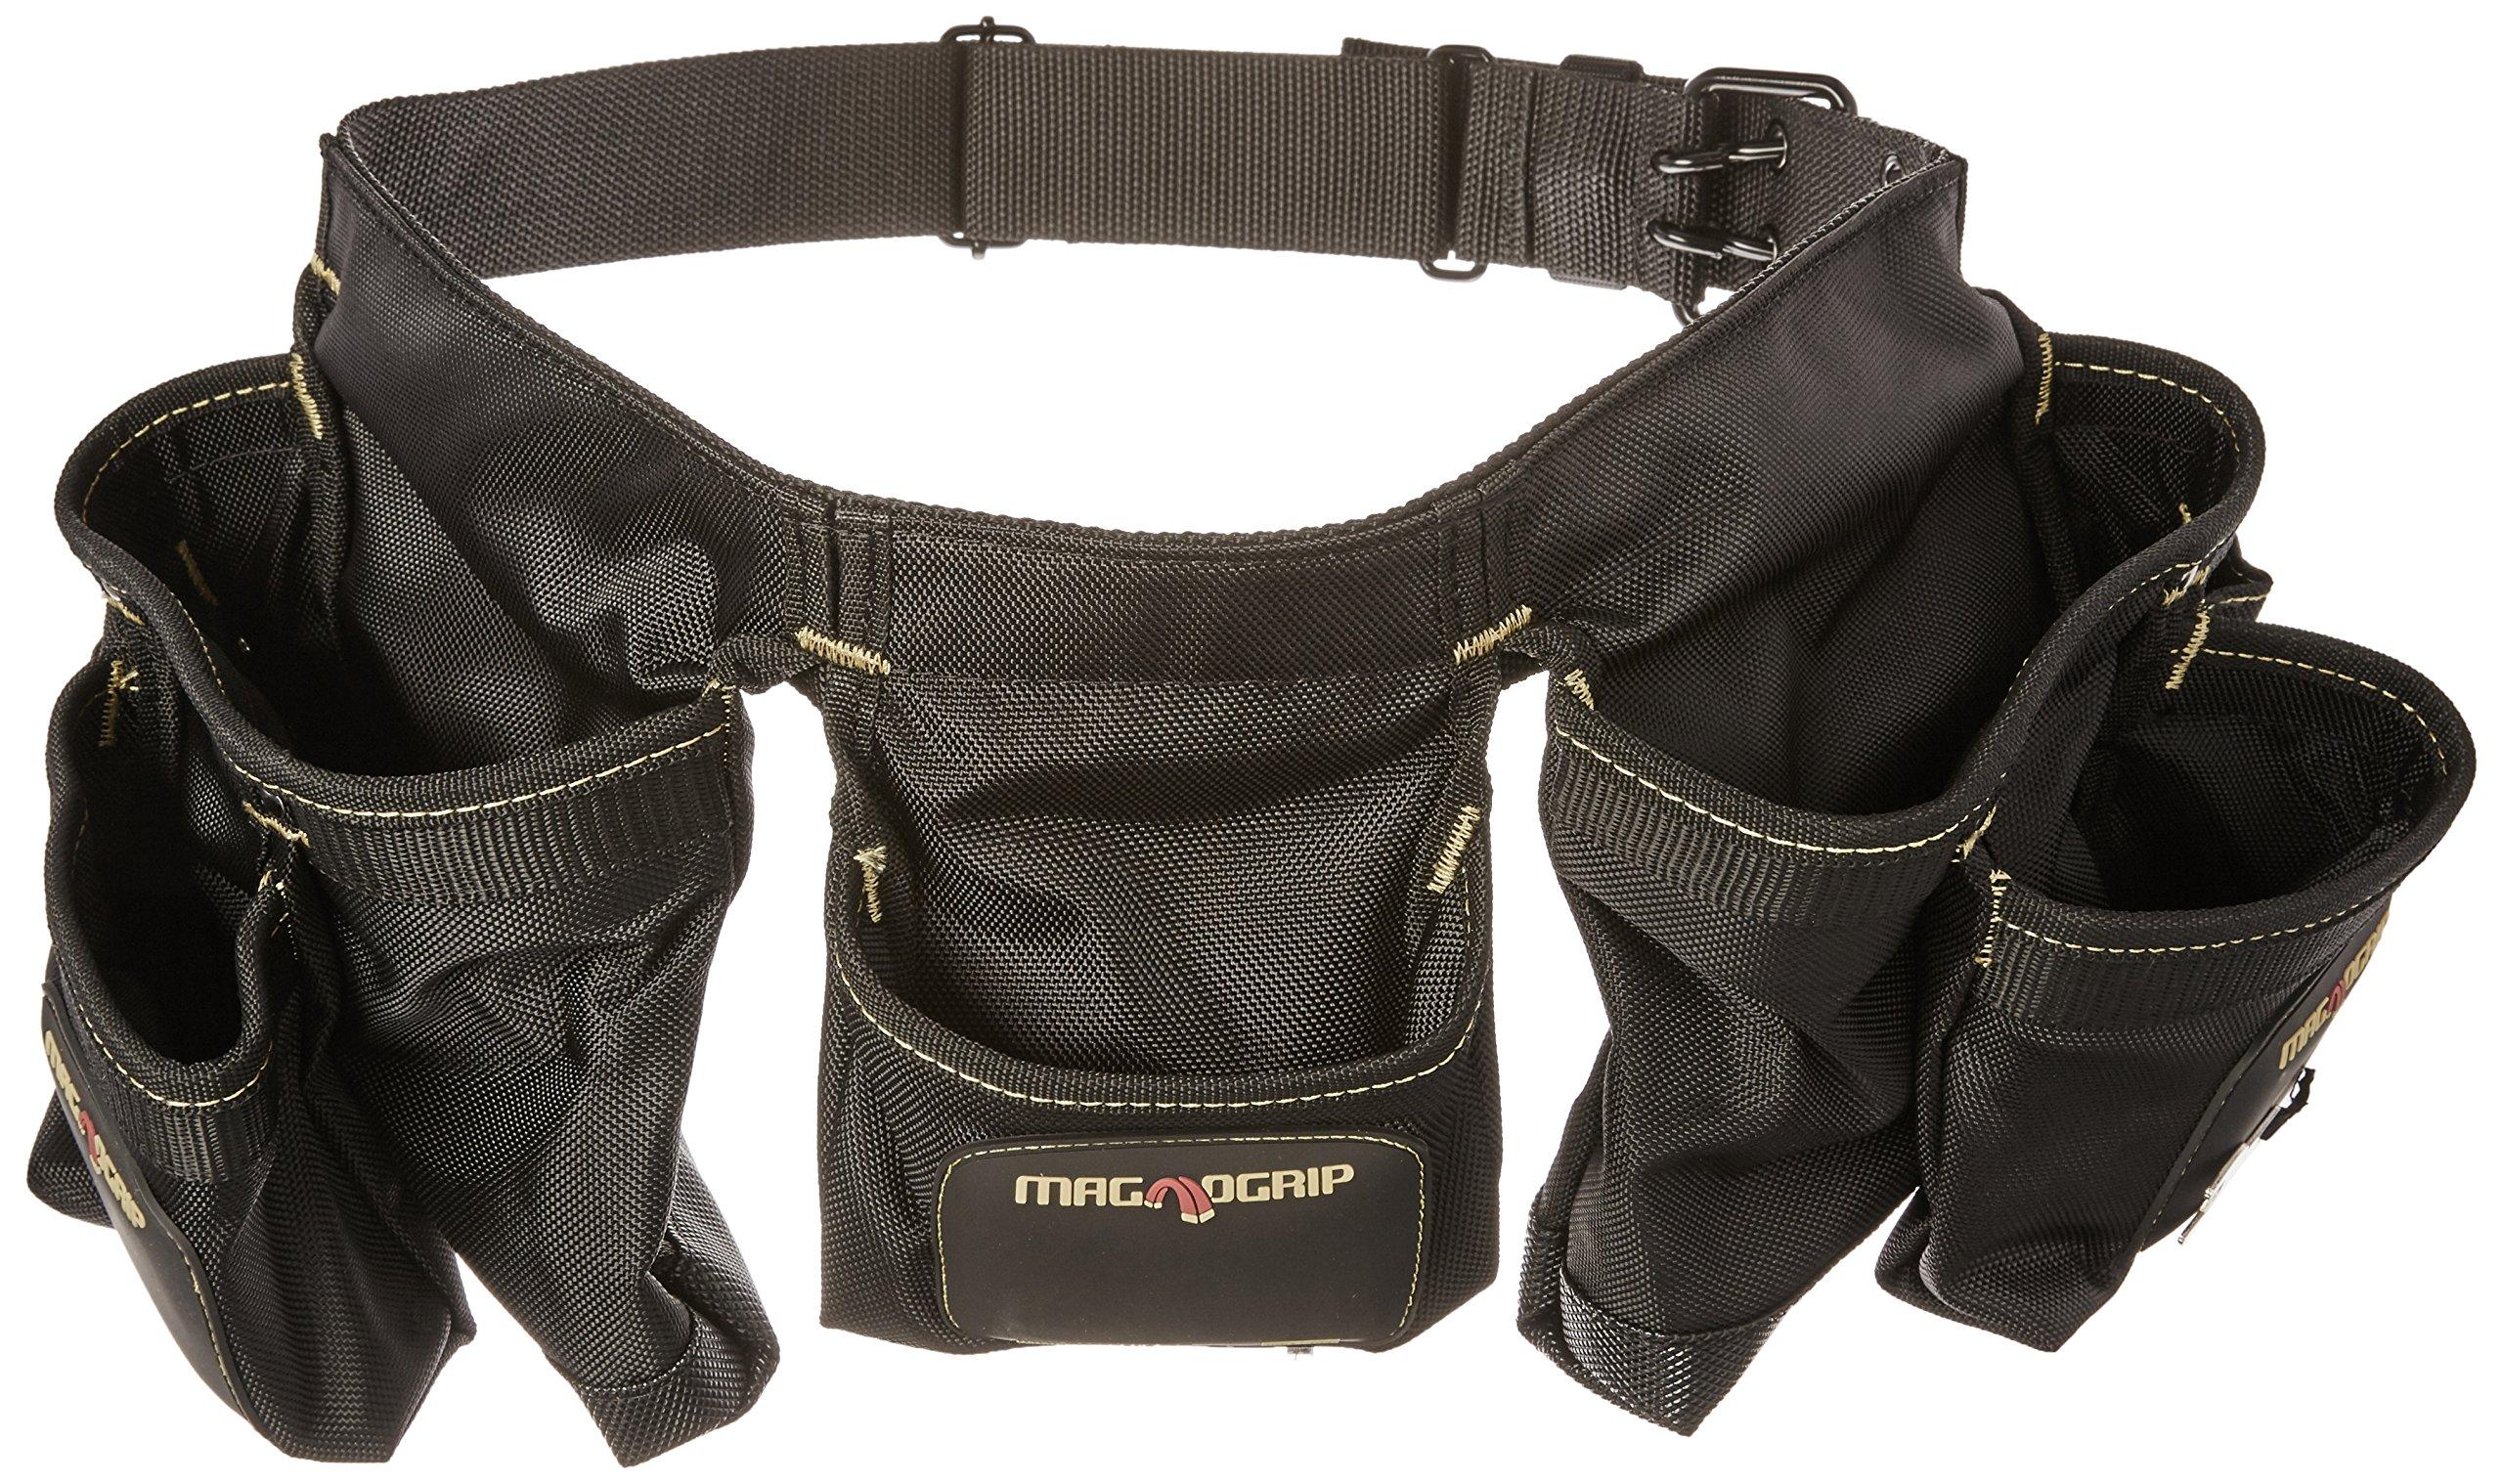 MagnoGrip 002-382 12-Pocket Magnetic Carpenter's Tool Belt